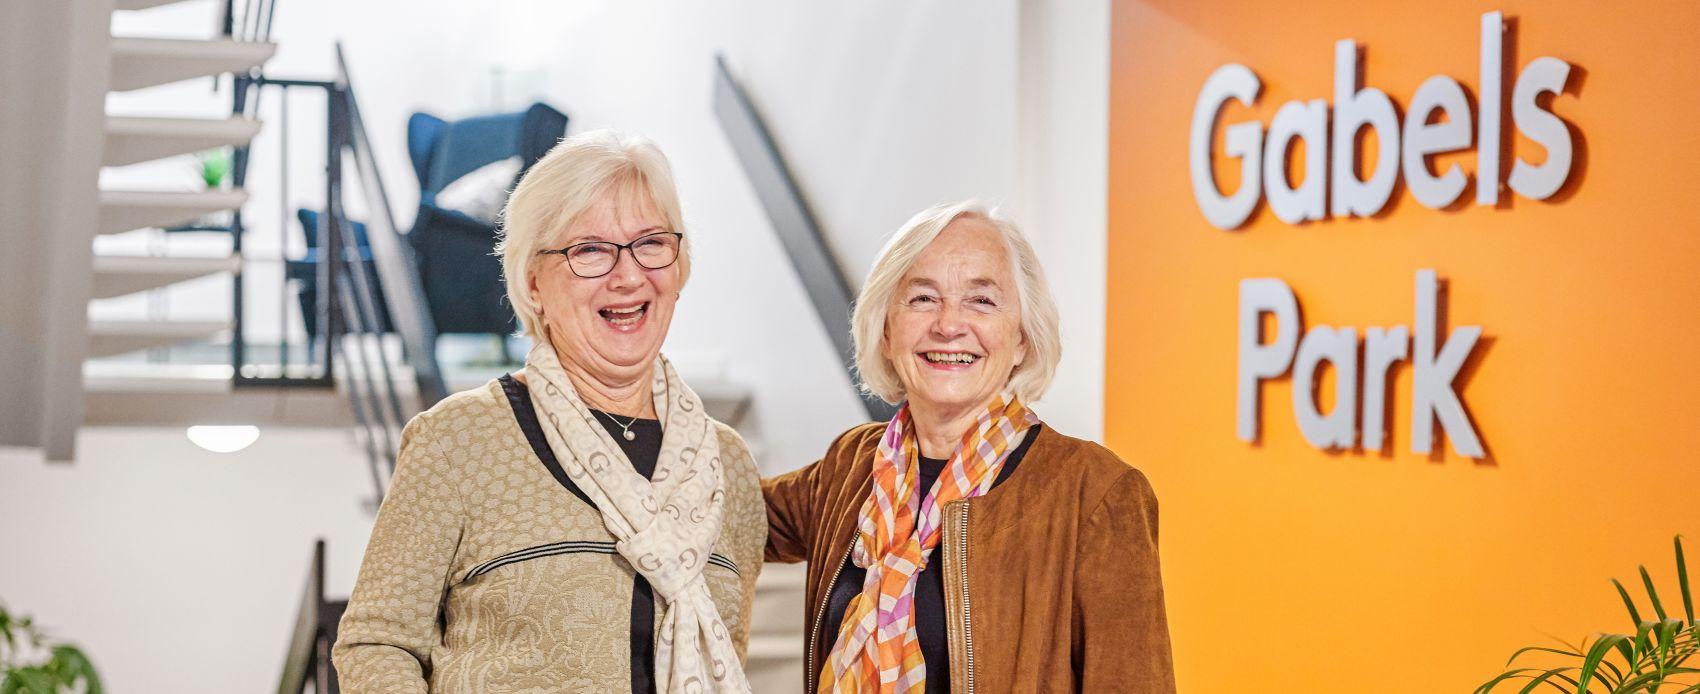 To eldre kvinner bosatt i seniorboligen Gabels Park smiler mot kamera. Foto